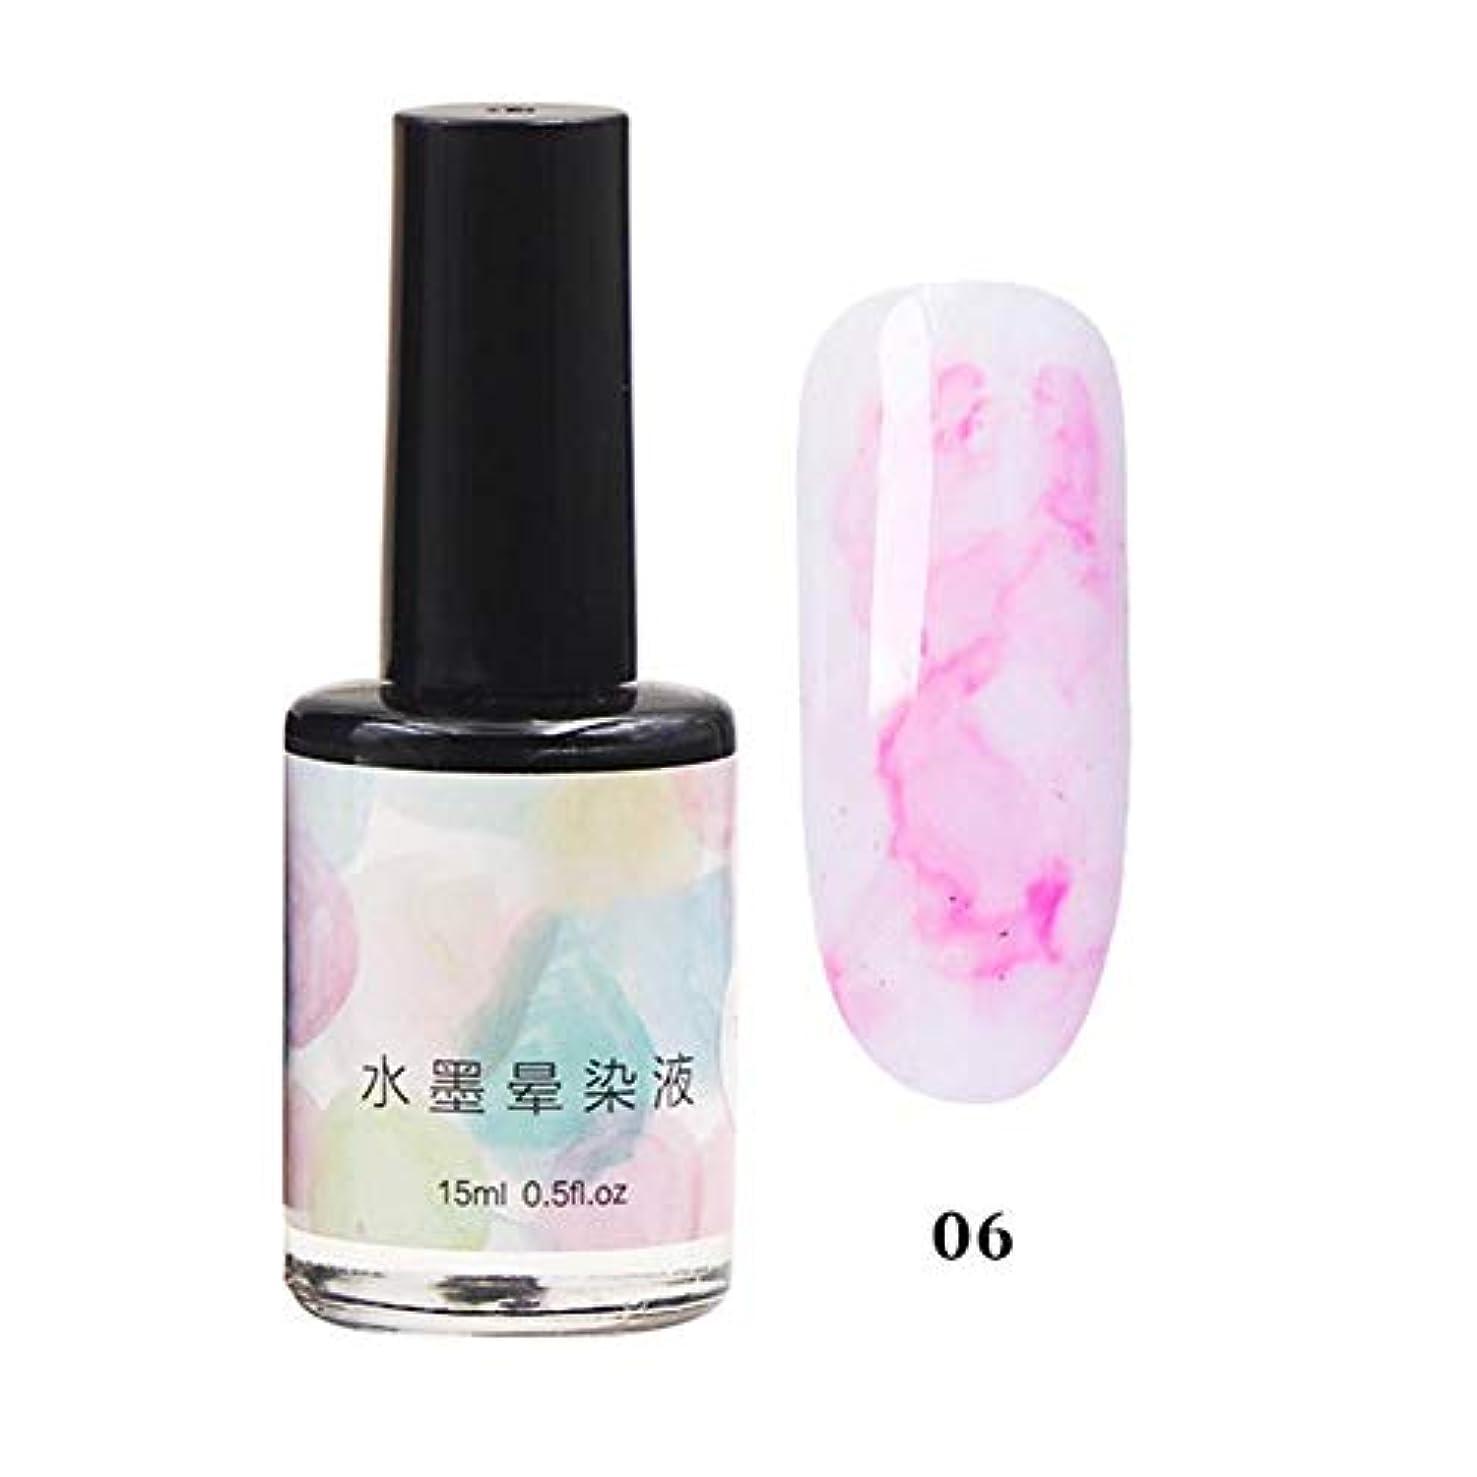 適応セブン優先11色選べる ネイルポリッシュ マニキュア ネイルアート 美しい 水墨柄 ネイルカラー 液体 爪に塗って乾かす 初心者でも簡単に使用できる junexi